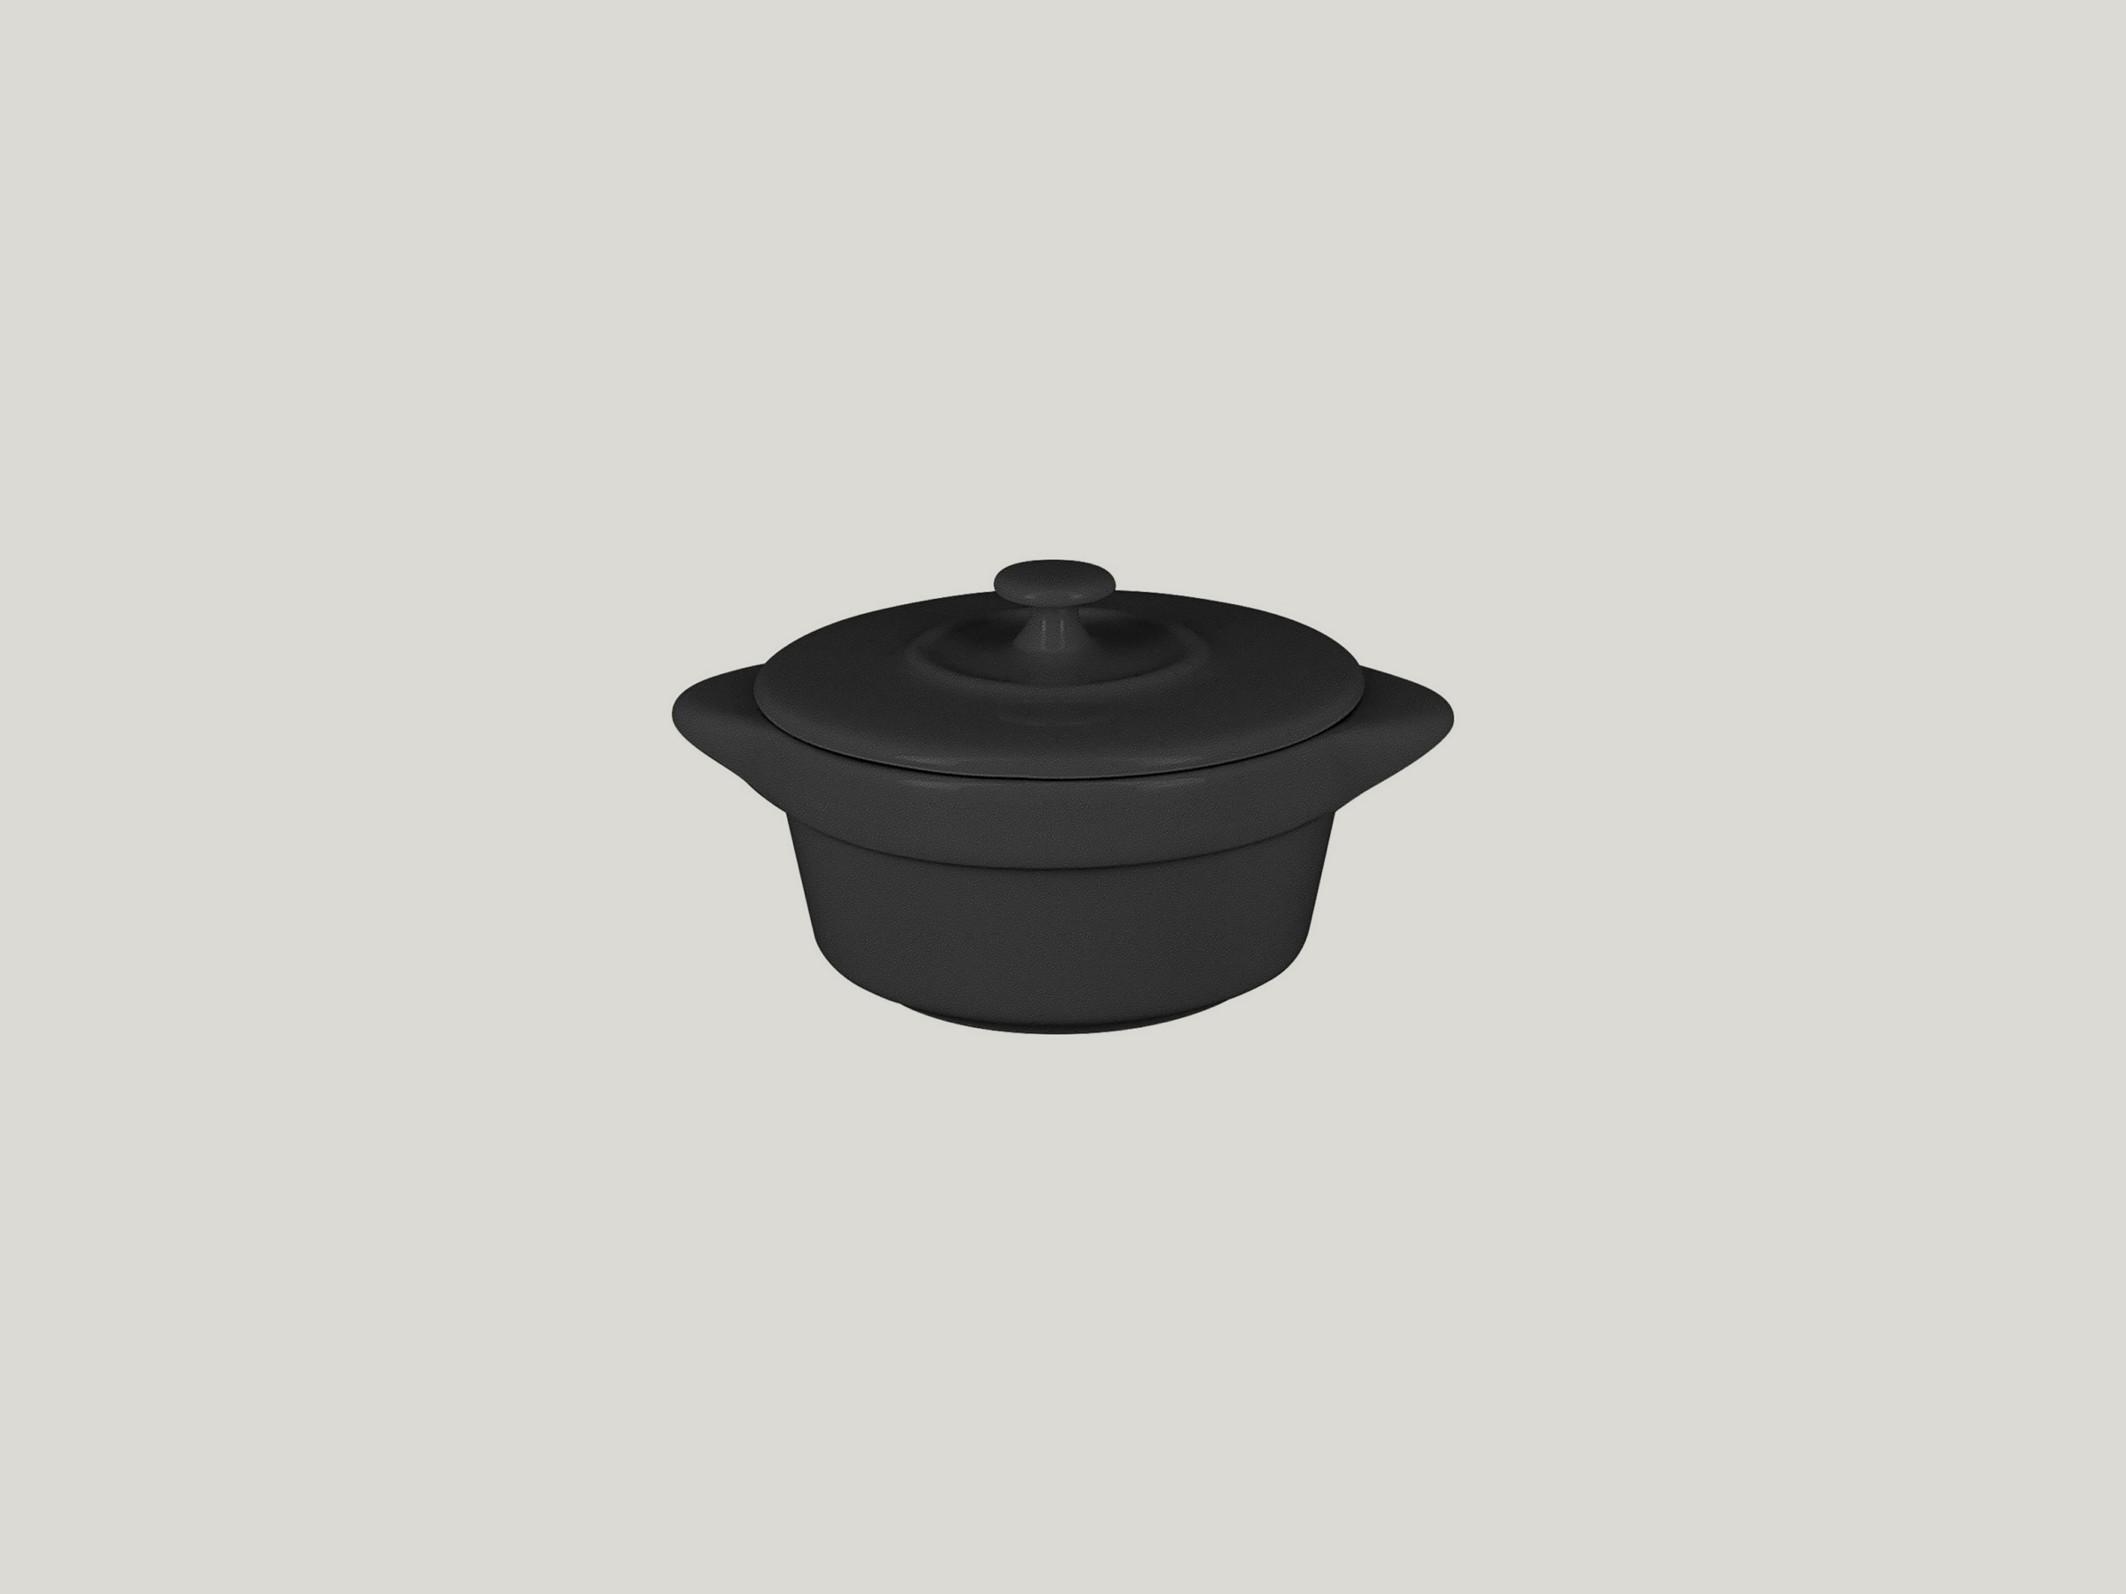 Chefś Fusion Hrnec s pokličkou, pr. 8,5 cm , černý